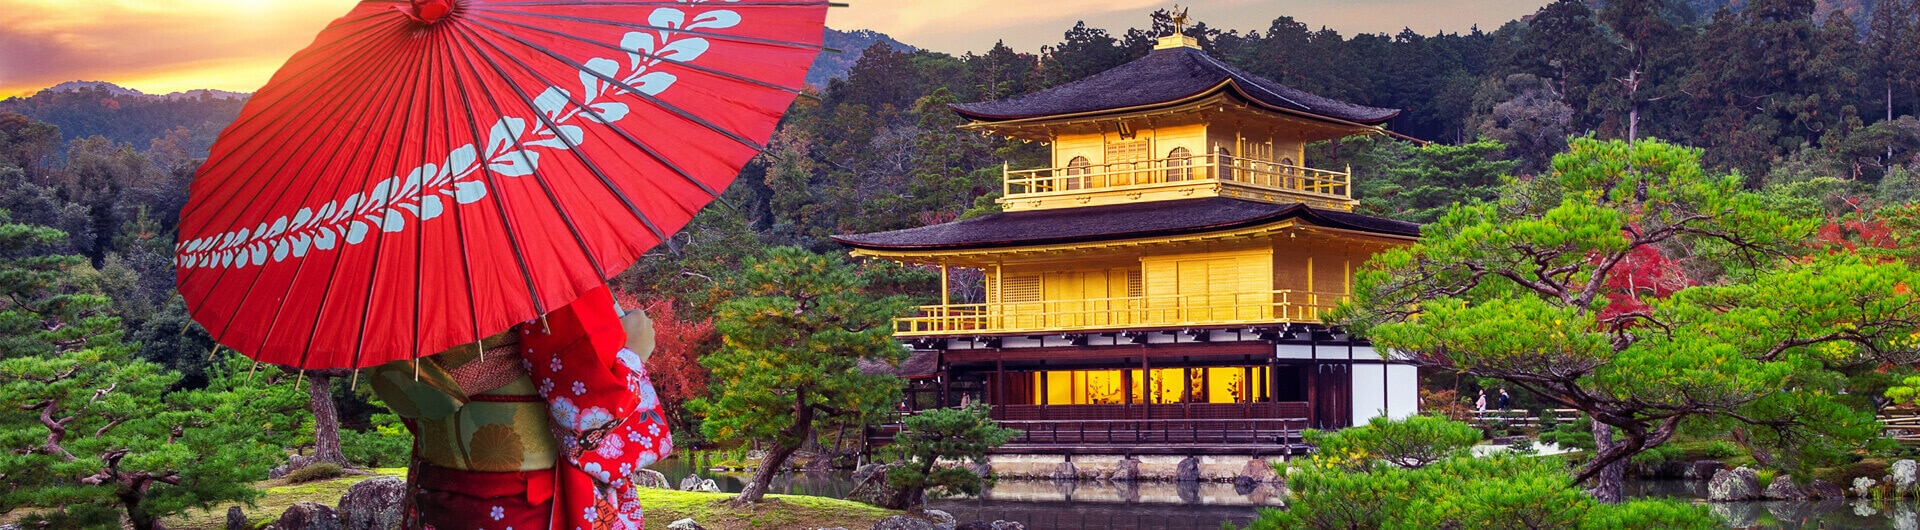 Nhật Bản đất nước tươi đẹp